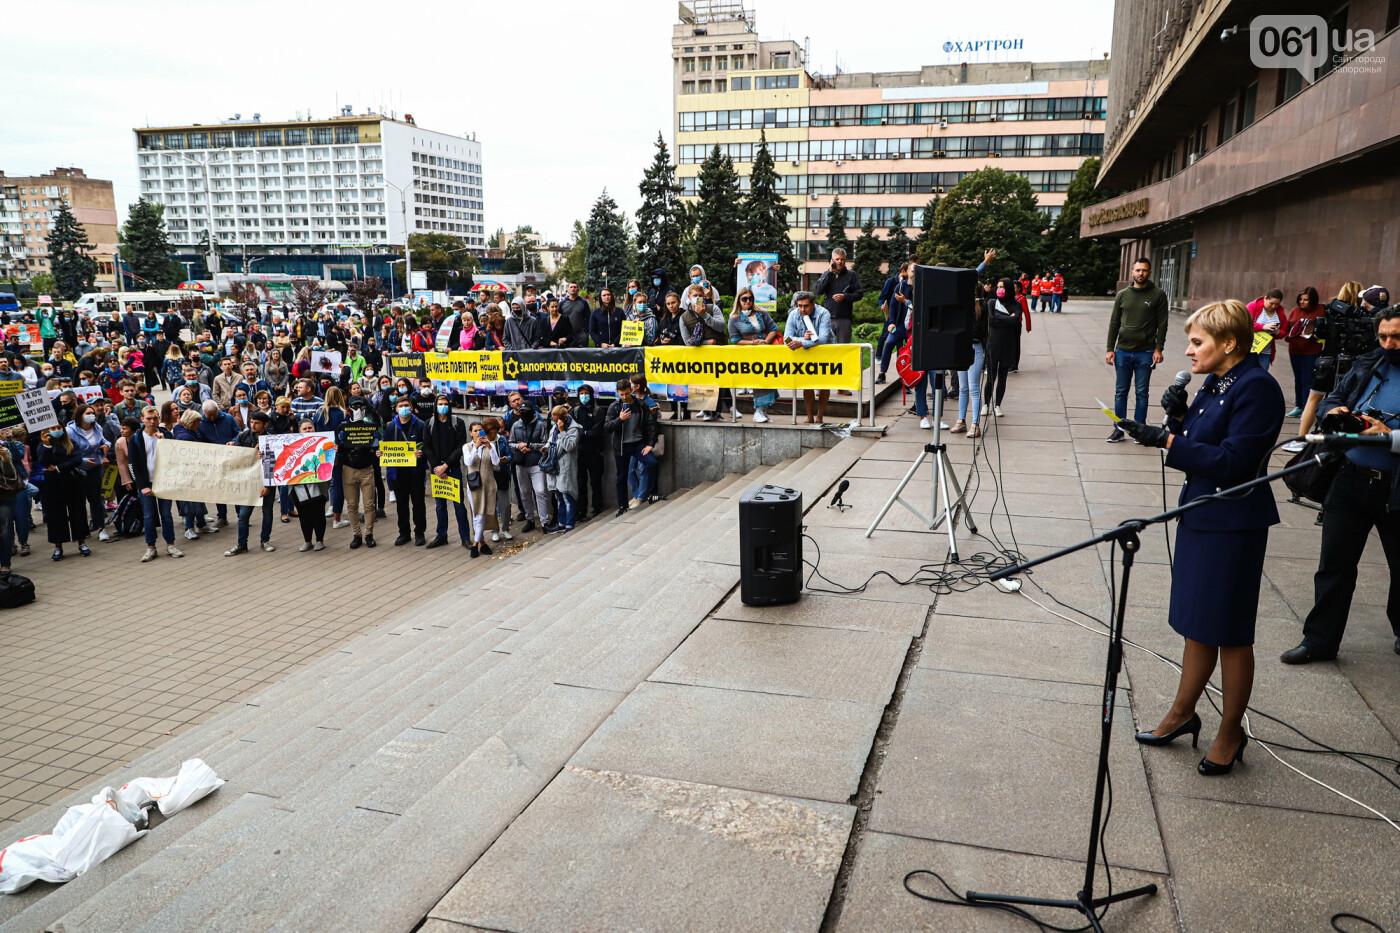 Маю право дихати: тысячи запорожцев вышли на экологический митинг, ФОТО, ВИДЕО, фото-57